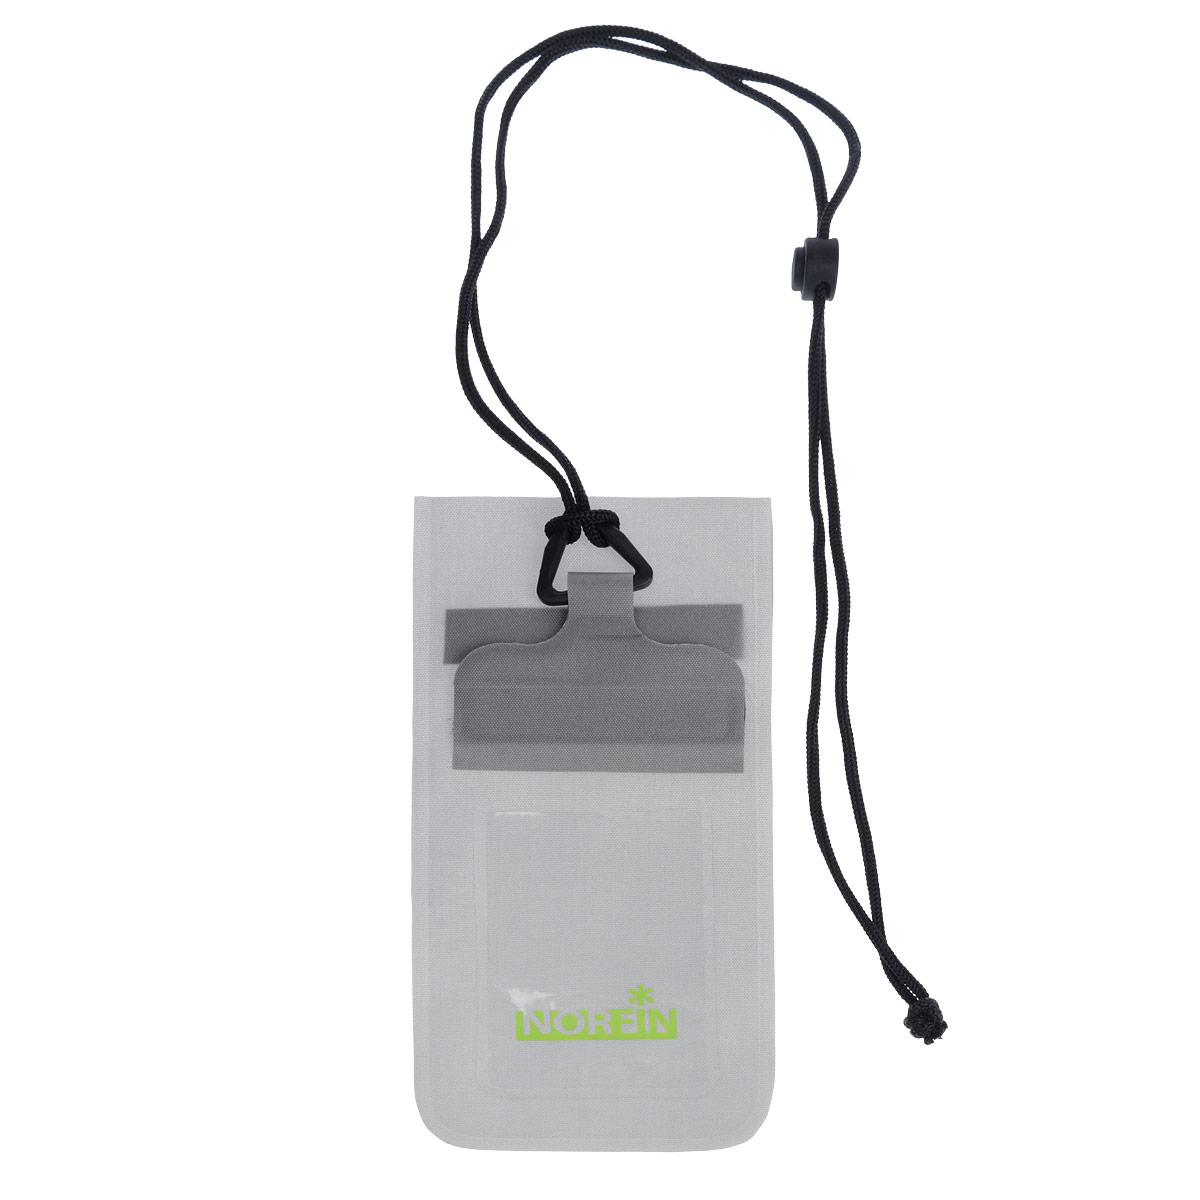 Гермочехол Norfin Dry Case 02, цвет: серый, 23,5 см х 11 смNF-40307Гермочехол нагрудный Norfin Dry Case 02 предназначен для защиты небольших предметов от воды: документы, телефон, плеер и так далее.Идеален для защиты телефонов самого маленького и большого размера, с размером диагонали до 5. Пленка гермочехла чувствительна к теплу рук, можно пользоваться телефоном с сенсорным экраном не вынимая его из чехла.